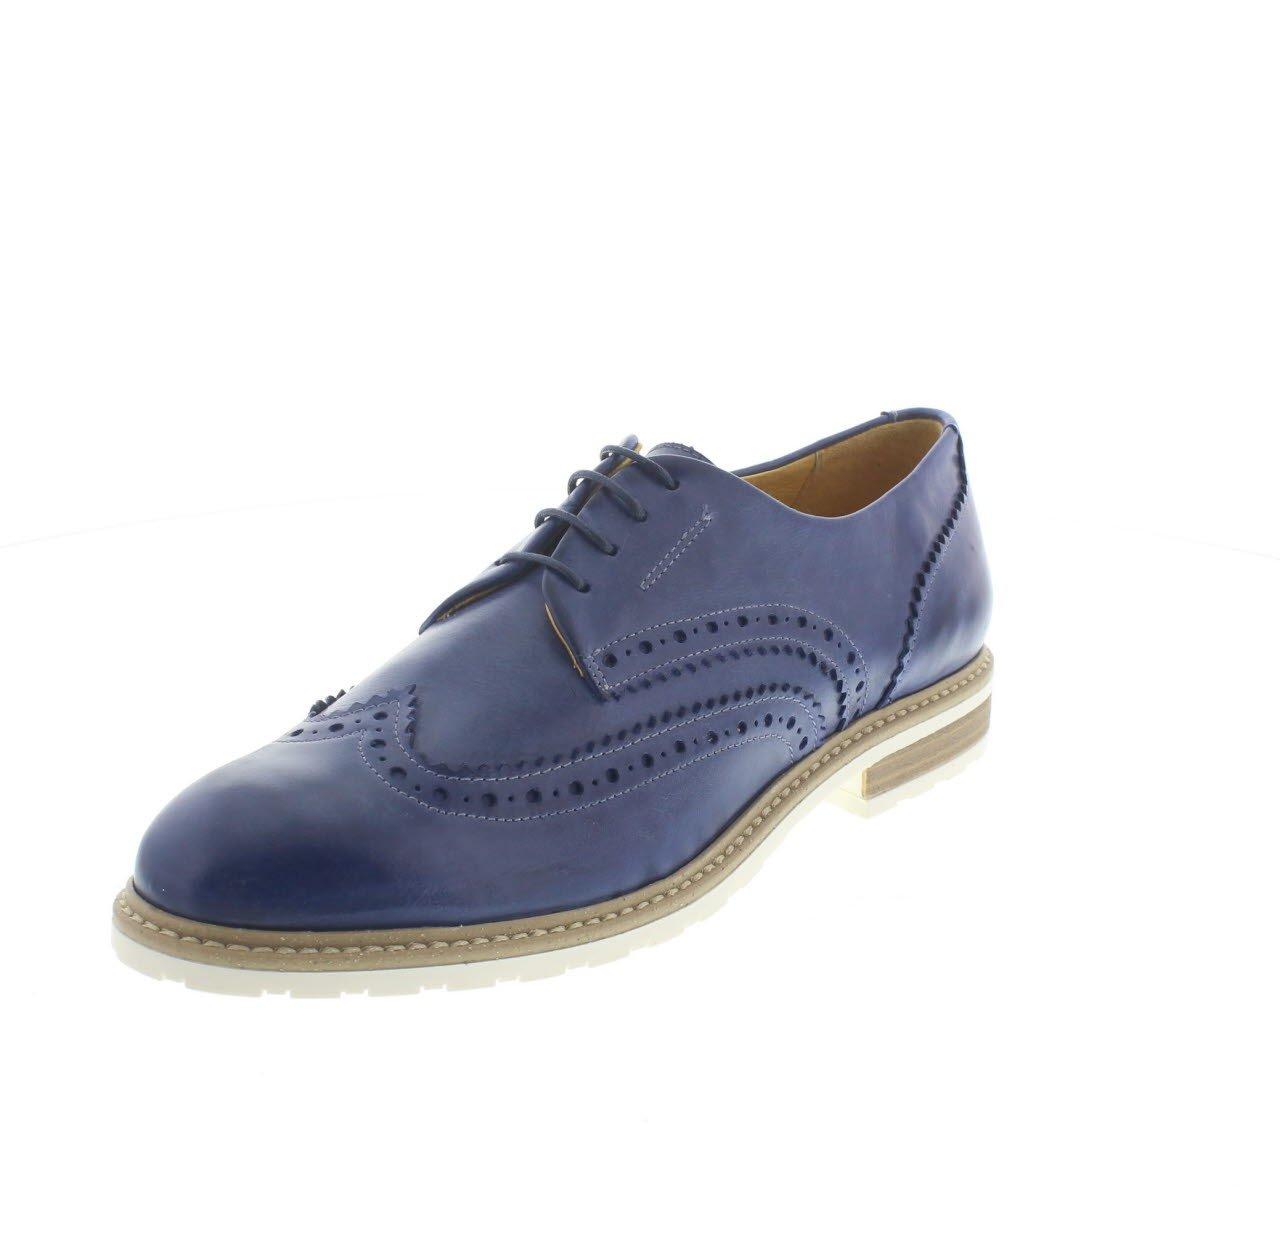 Keys - Zapatos de cordones para mujer 37|azzurro - AVIO